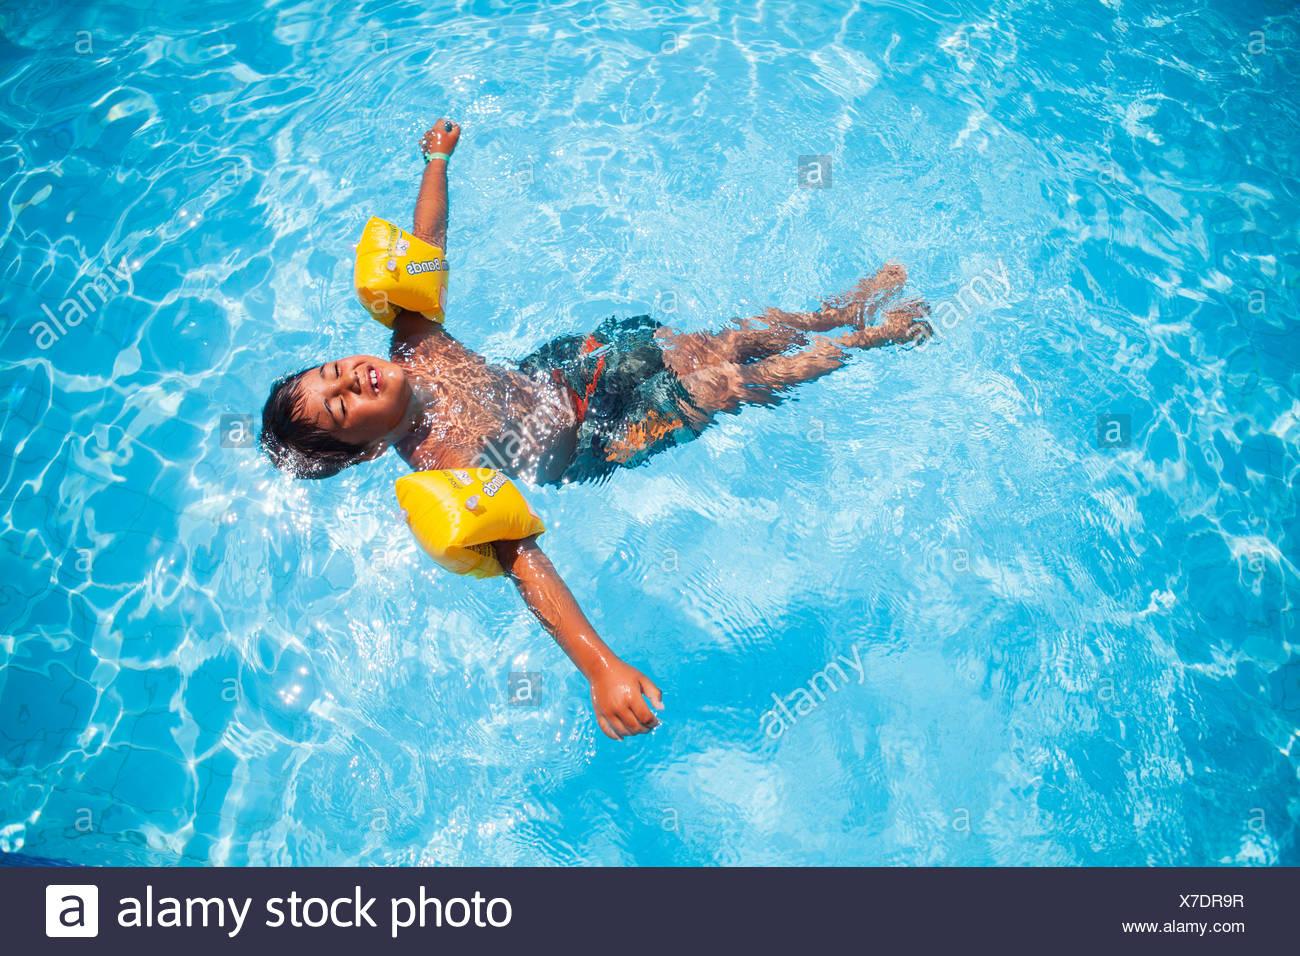 Un garçon portant des ailes de l'eau flottant dans une piscine Photo Stock